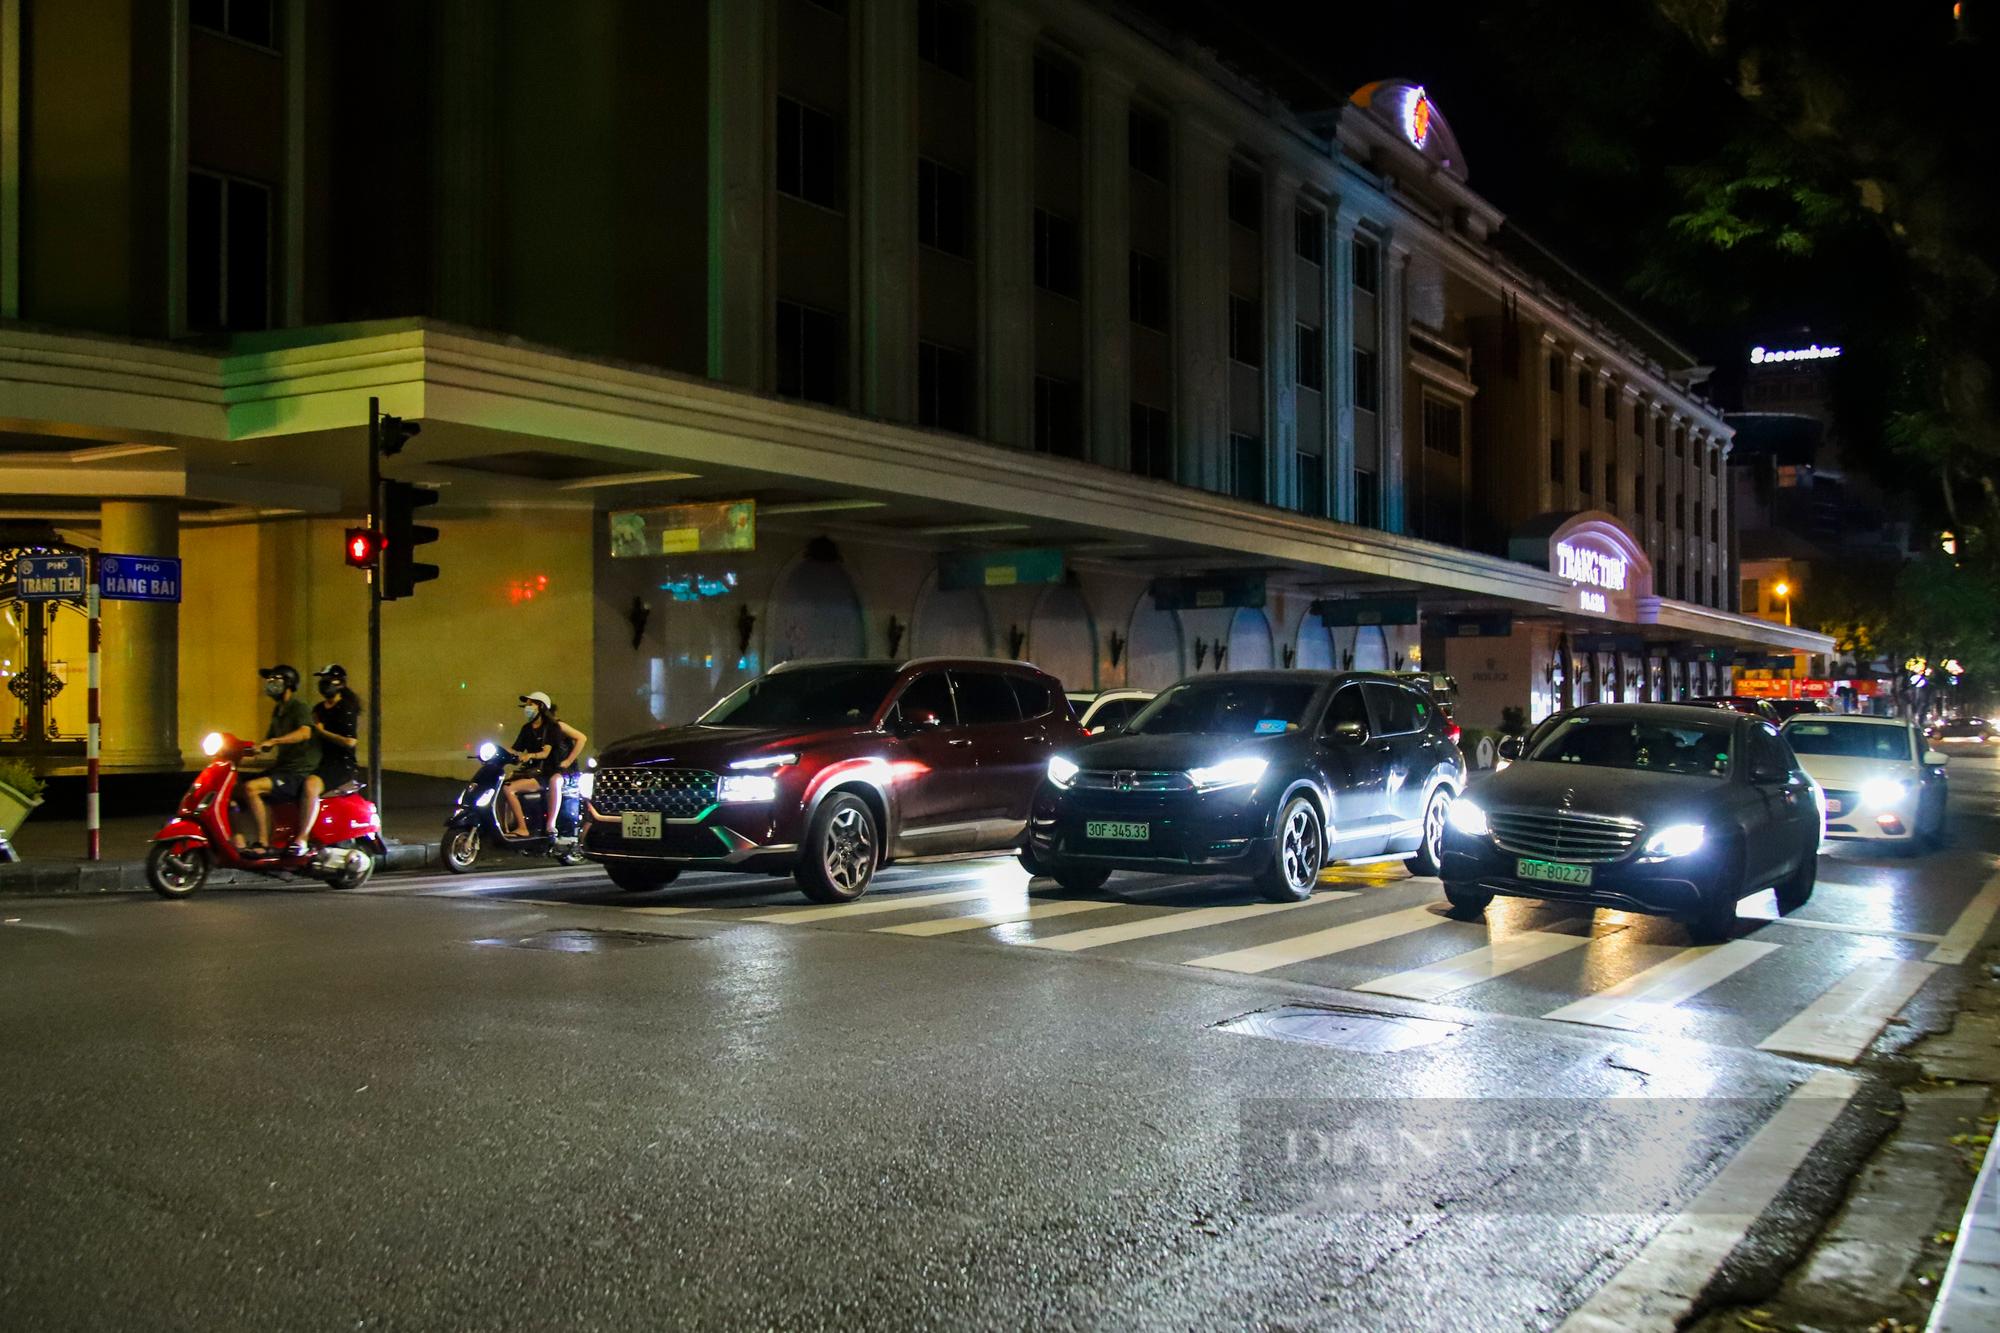 Ngày giãn cách cuối cùng, người dân rủ nhau lên phố cổ dạo chơi đêm trung thu - Ảnh 12.